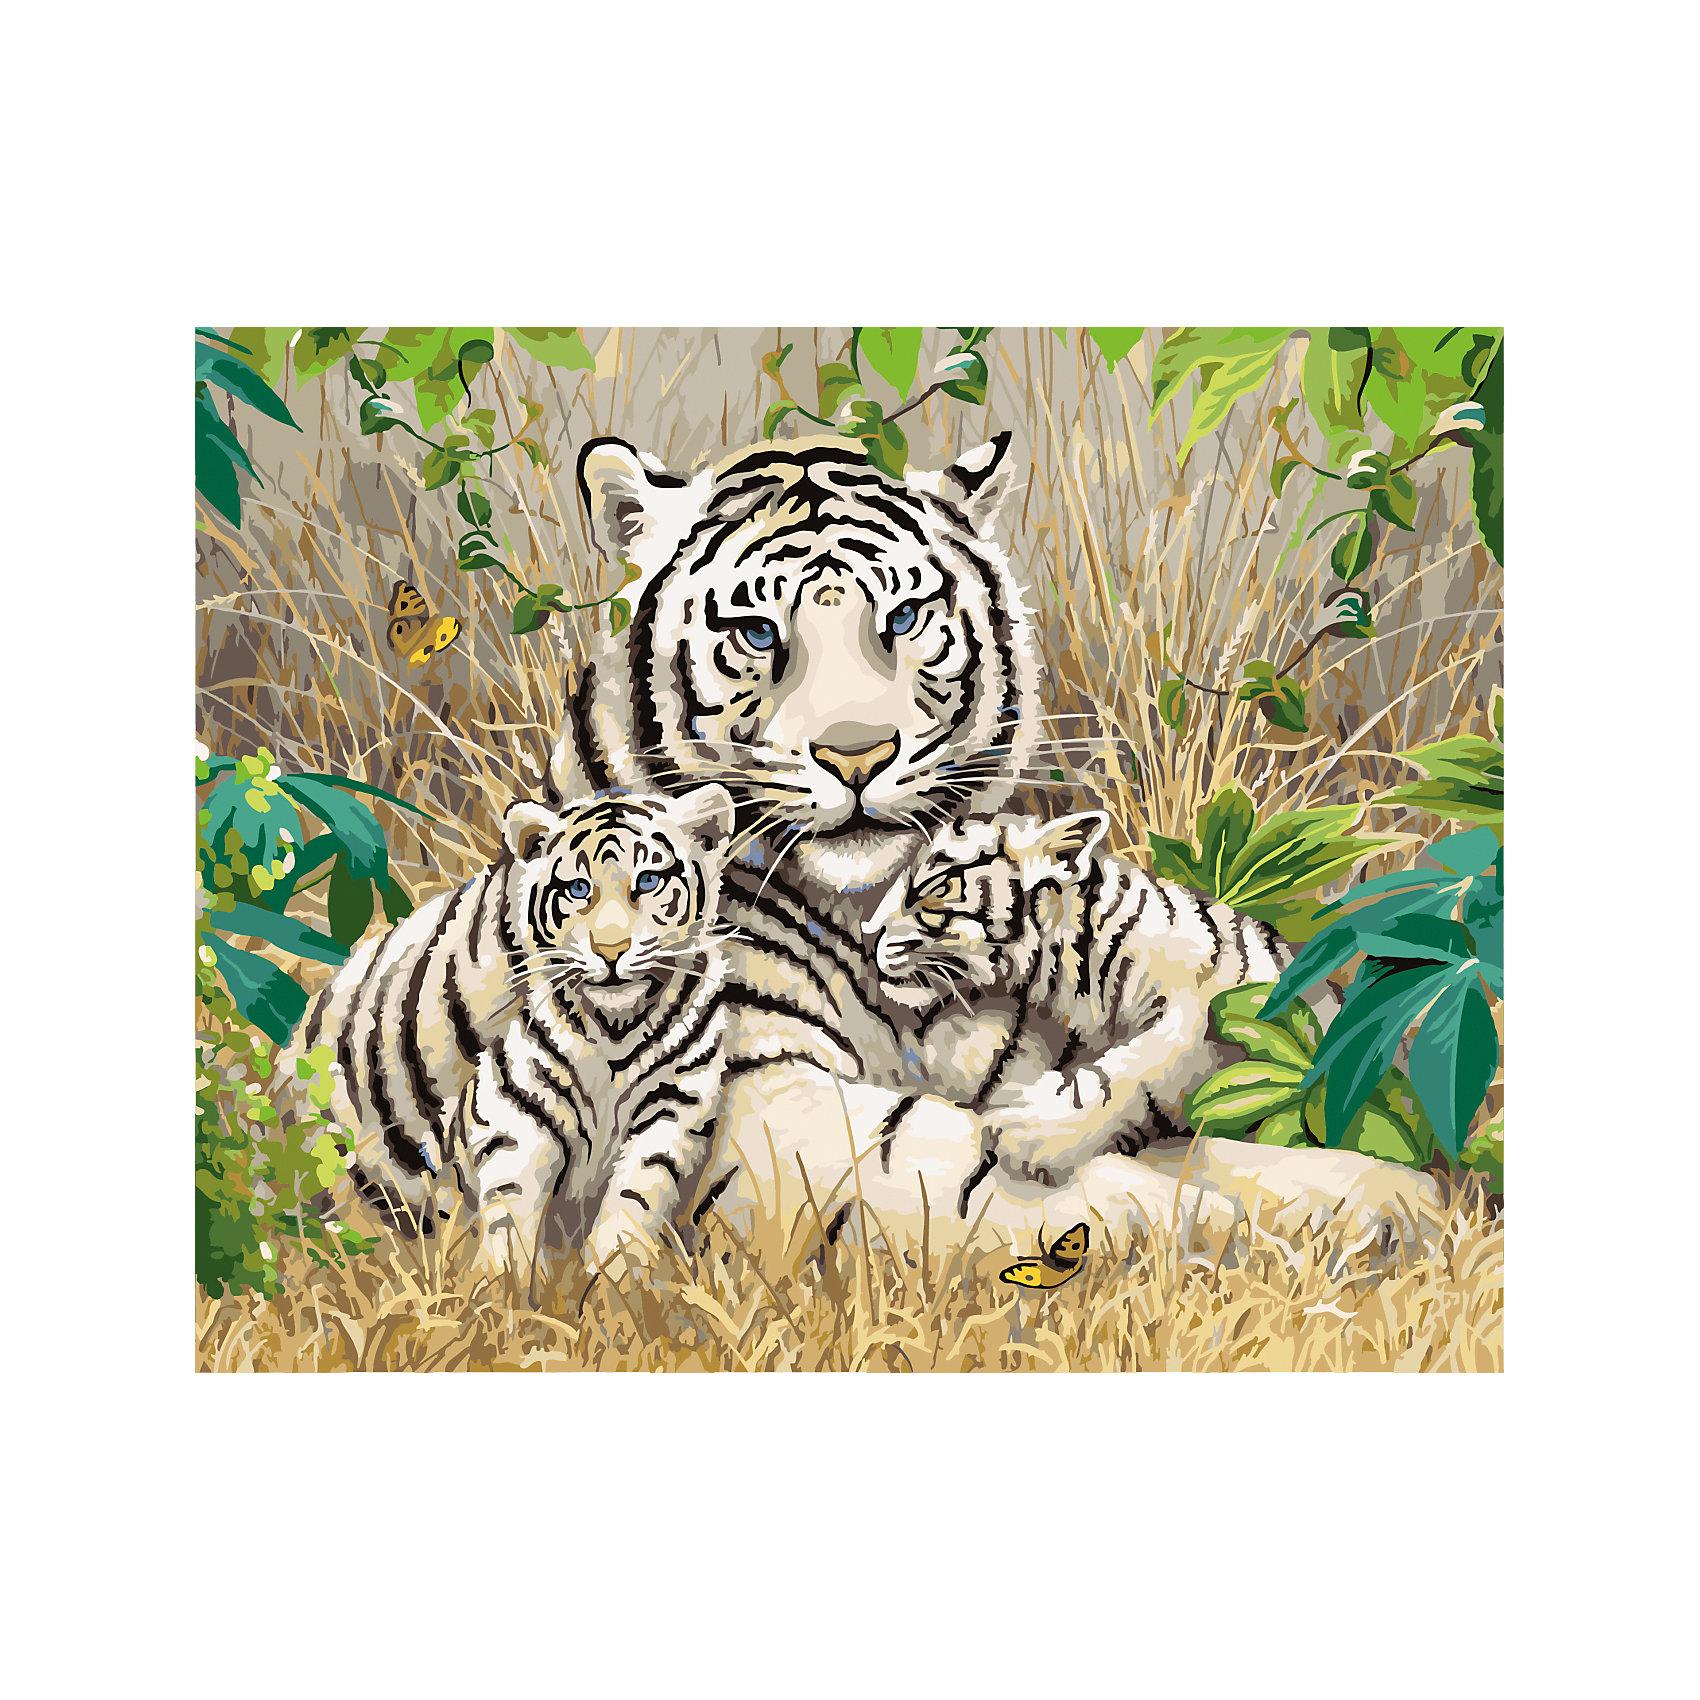 Роспись по номерам Бенгальская тигрица и тигрята 40*50 смХарактеристики товара:<br><br>- цвет: разноцветный;<br>- материал: бумага, акрил;<br>- комплектация: холст на подрамнике, кисти, краски, контрольный рисунок, инструкция;<br>- размер картины: 40х50 см;<br>- размер упаковки: 42х52х3 см.<br><br>Этот набор для рисования станет отличным подарком и для ребенка, и для взрослого. Он помогает развить художественные навыки, поверить в свои силы, а в итоге работы получается произведение искусства, которое может украсить интерьер!<br>Основа комплекта - это полотно на подрамнике размером 40 на 50 сантиметров, на которое нанесены контуры рисунка, а участки пронумерованы. Каждому номеру соответствует баночка с краской определенного оттенка. Для удобного нанесения акриловых красок на водной основе в наборе есть три разные кисти, с их помощью даже мелкие детали можно аккуратно и красиво прорисовать. Чтобы контролировать процесс, можно сверяться с контрольным рисунком, на котором изображена готовая картина.<br>Роспись по такой схеме помогает развивать зрительную память, концентрацию внимания, мелкую моторику и цветовосприятие.<br><br>Роспись по номерам Бенгальская тигрица и тигрята 40*50 см можно купить в нашем интернет-магазине.<br><br>Ширина мм: 420<br>Глубина мм: 520<br>Высота мм: 50<br>Вес г: 900<br>Возраст от месяцев: 36<br>Возраст до месяцев: 2147483647<br>Пол: Унисекс<br>Возраст: Детский<br>SKU: 5117483